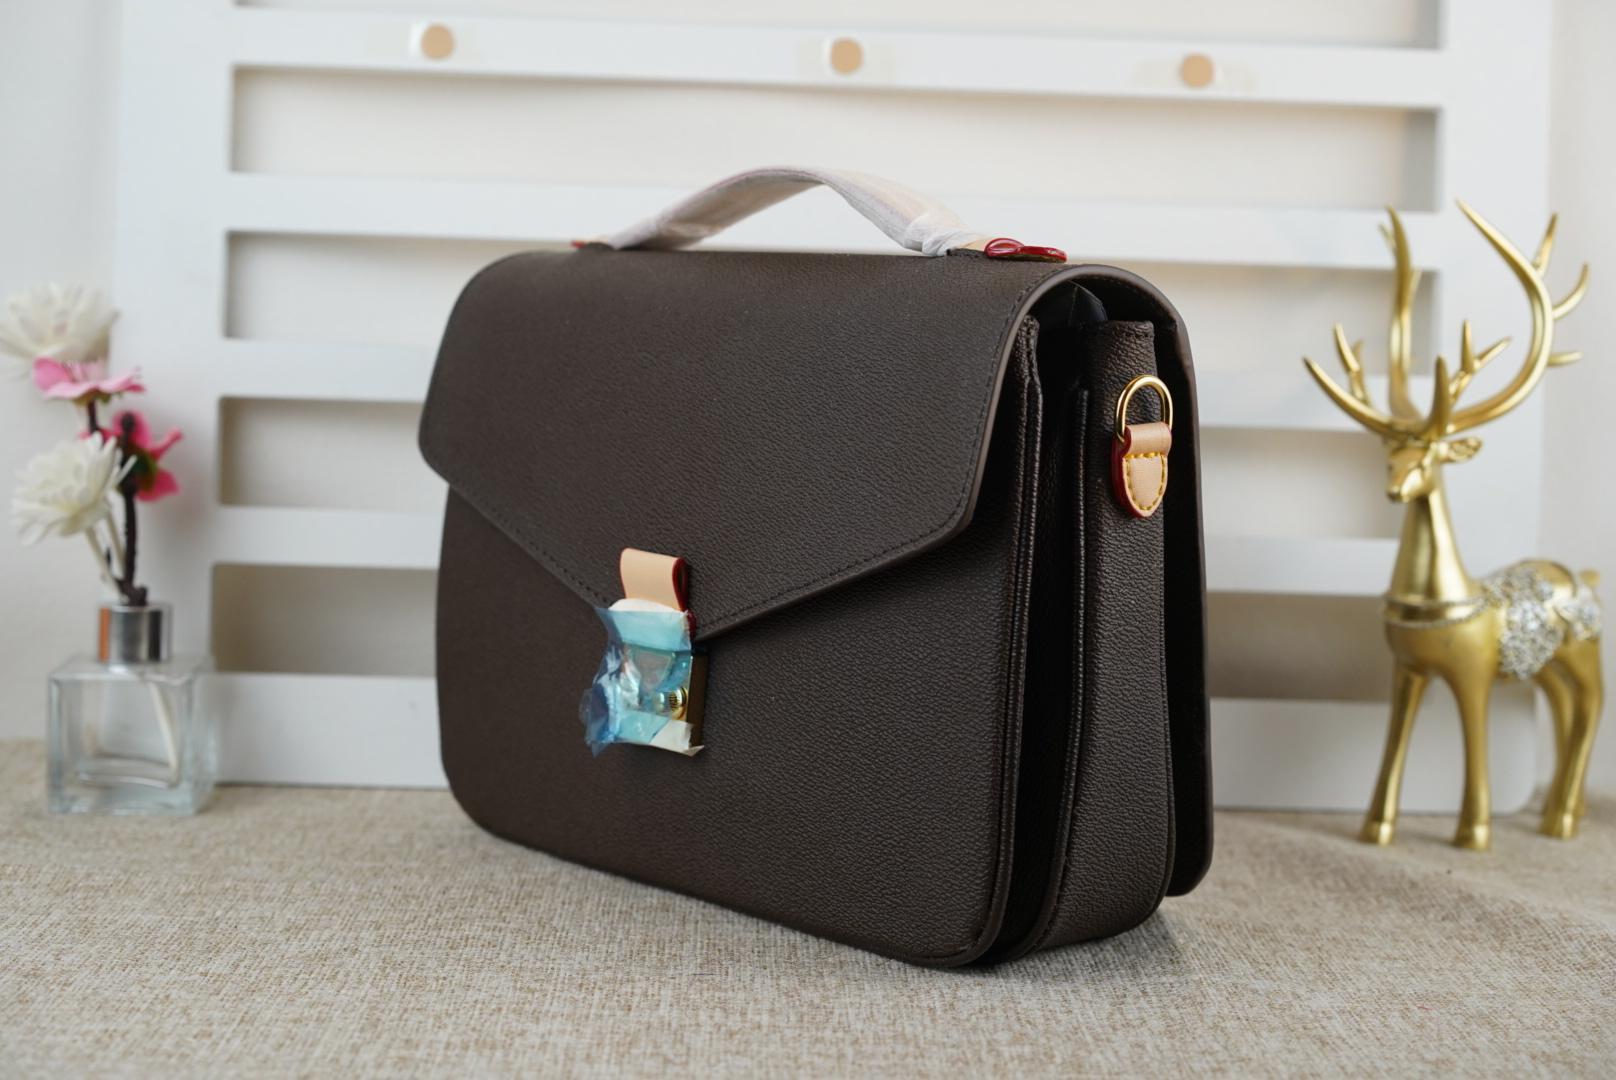 حقائب الكتف حقائب اليد حقيبة المرأة حقائب النساء crossbody المحافظ جلدية القابض حقيبة الظهر المحفظة